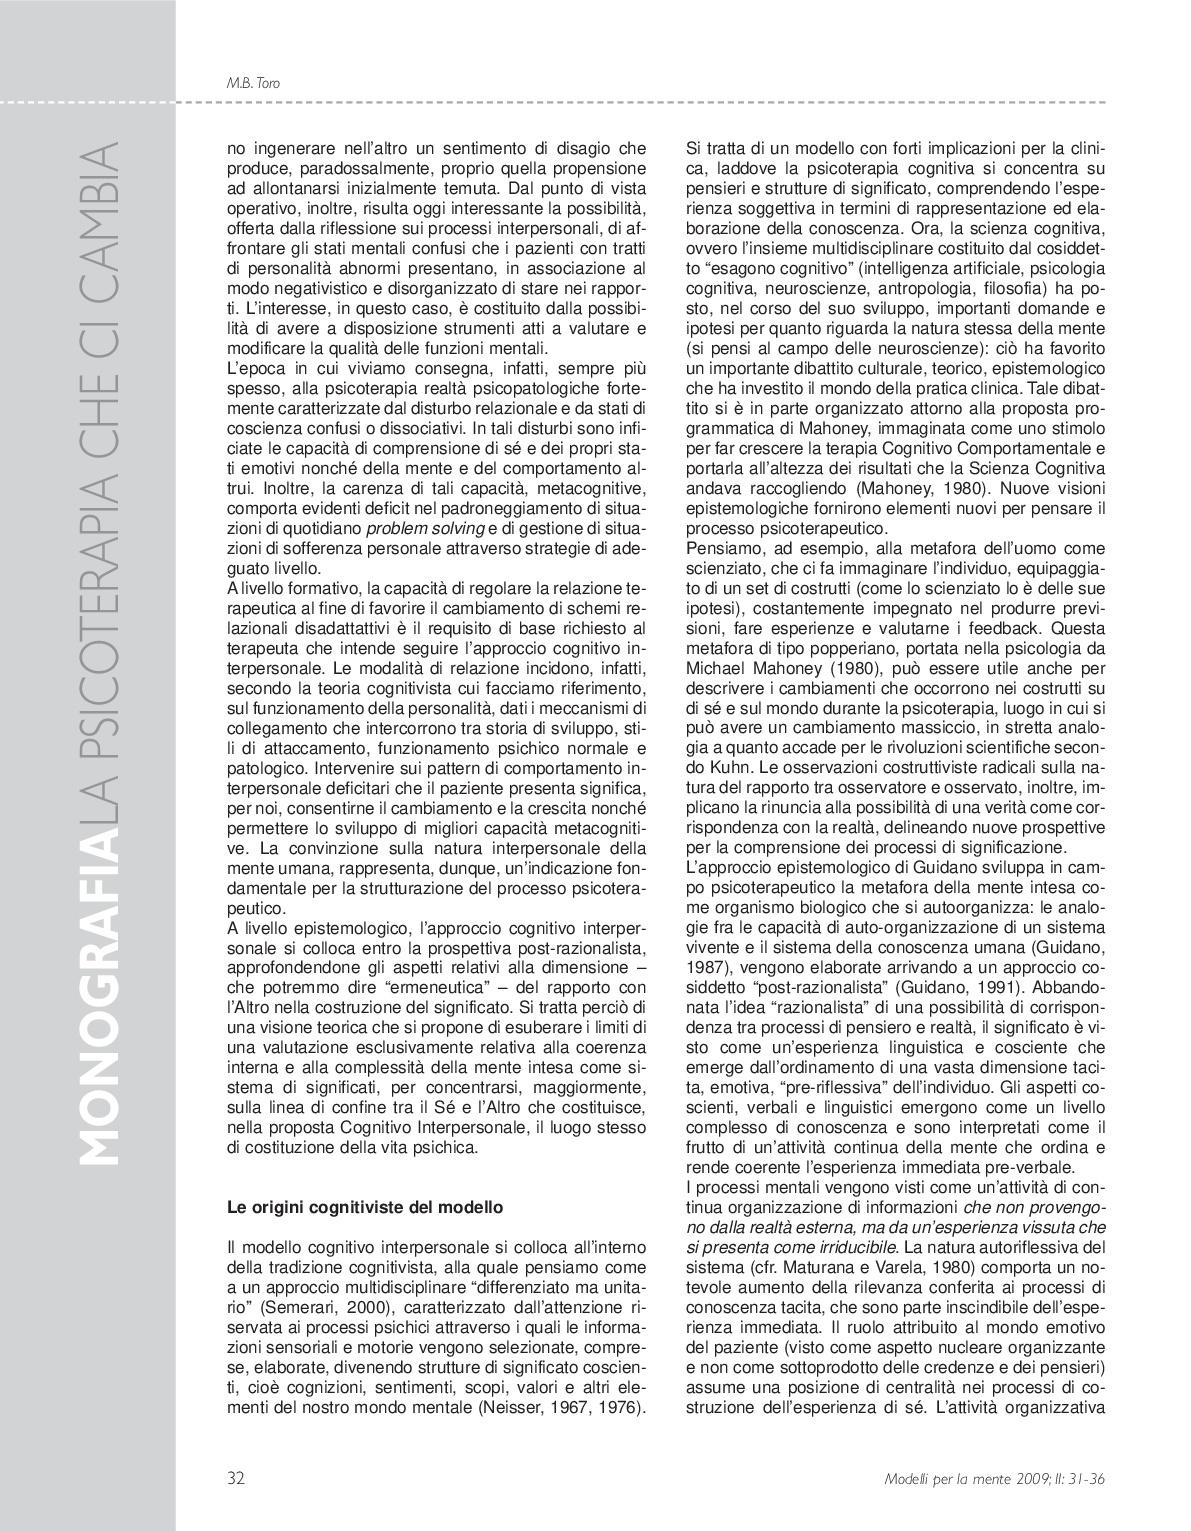 LA-PSICOTERAPIA-COGNITIVO-INTERPERSONALEsmall-002